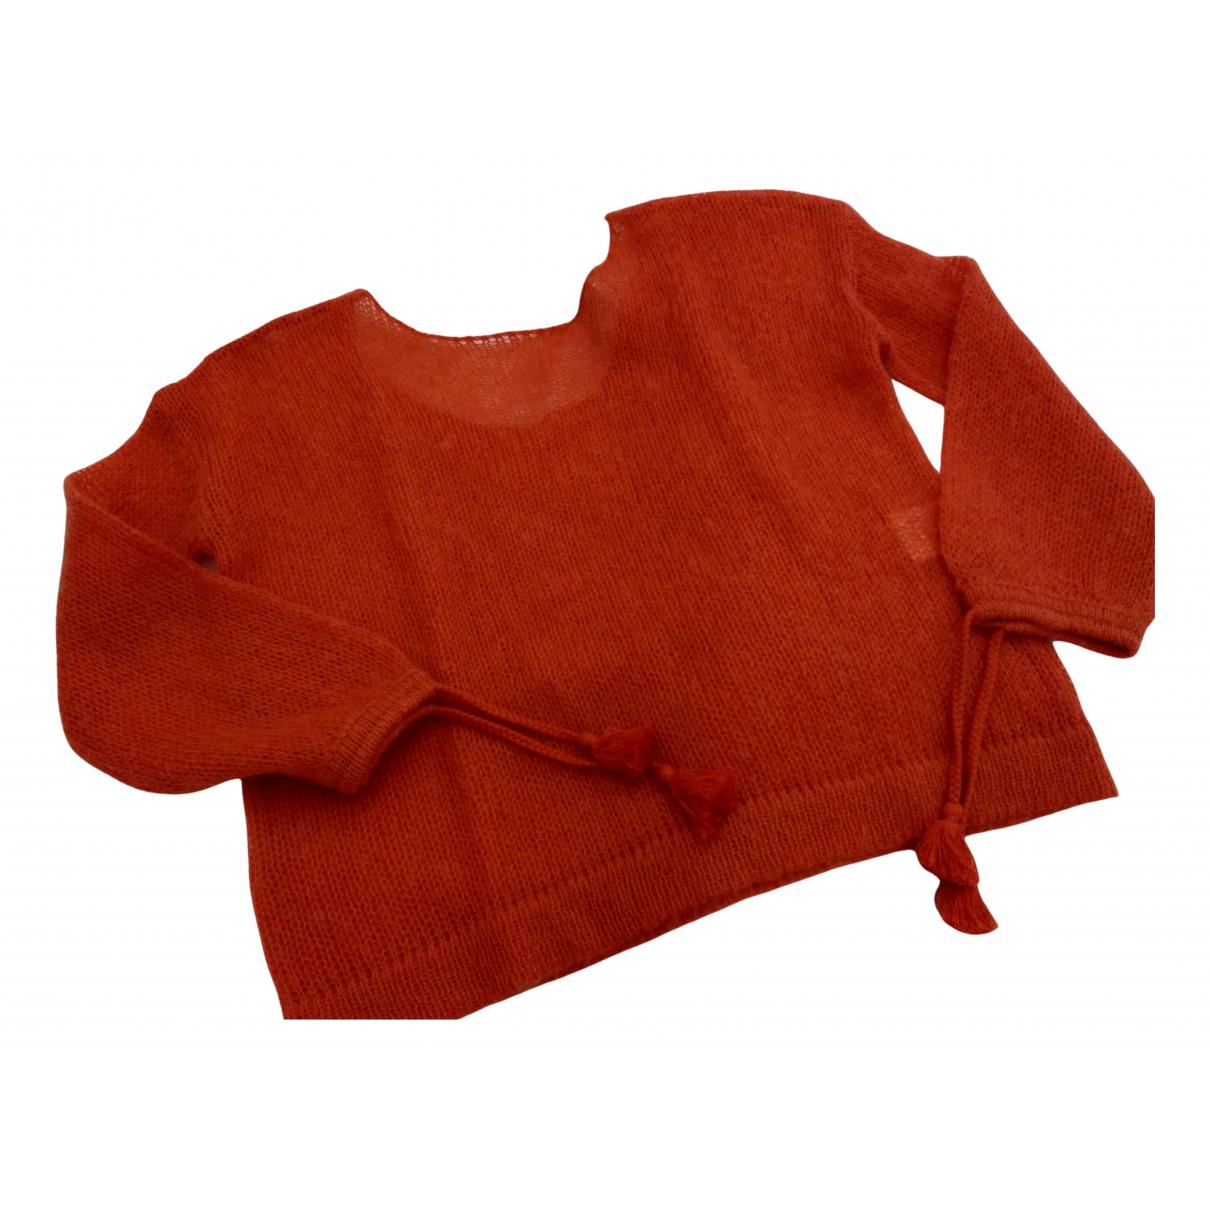 Sézane \N Red Knitwear for Women S International